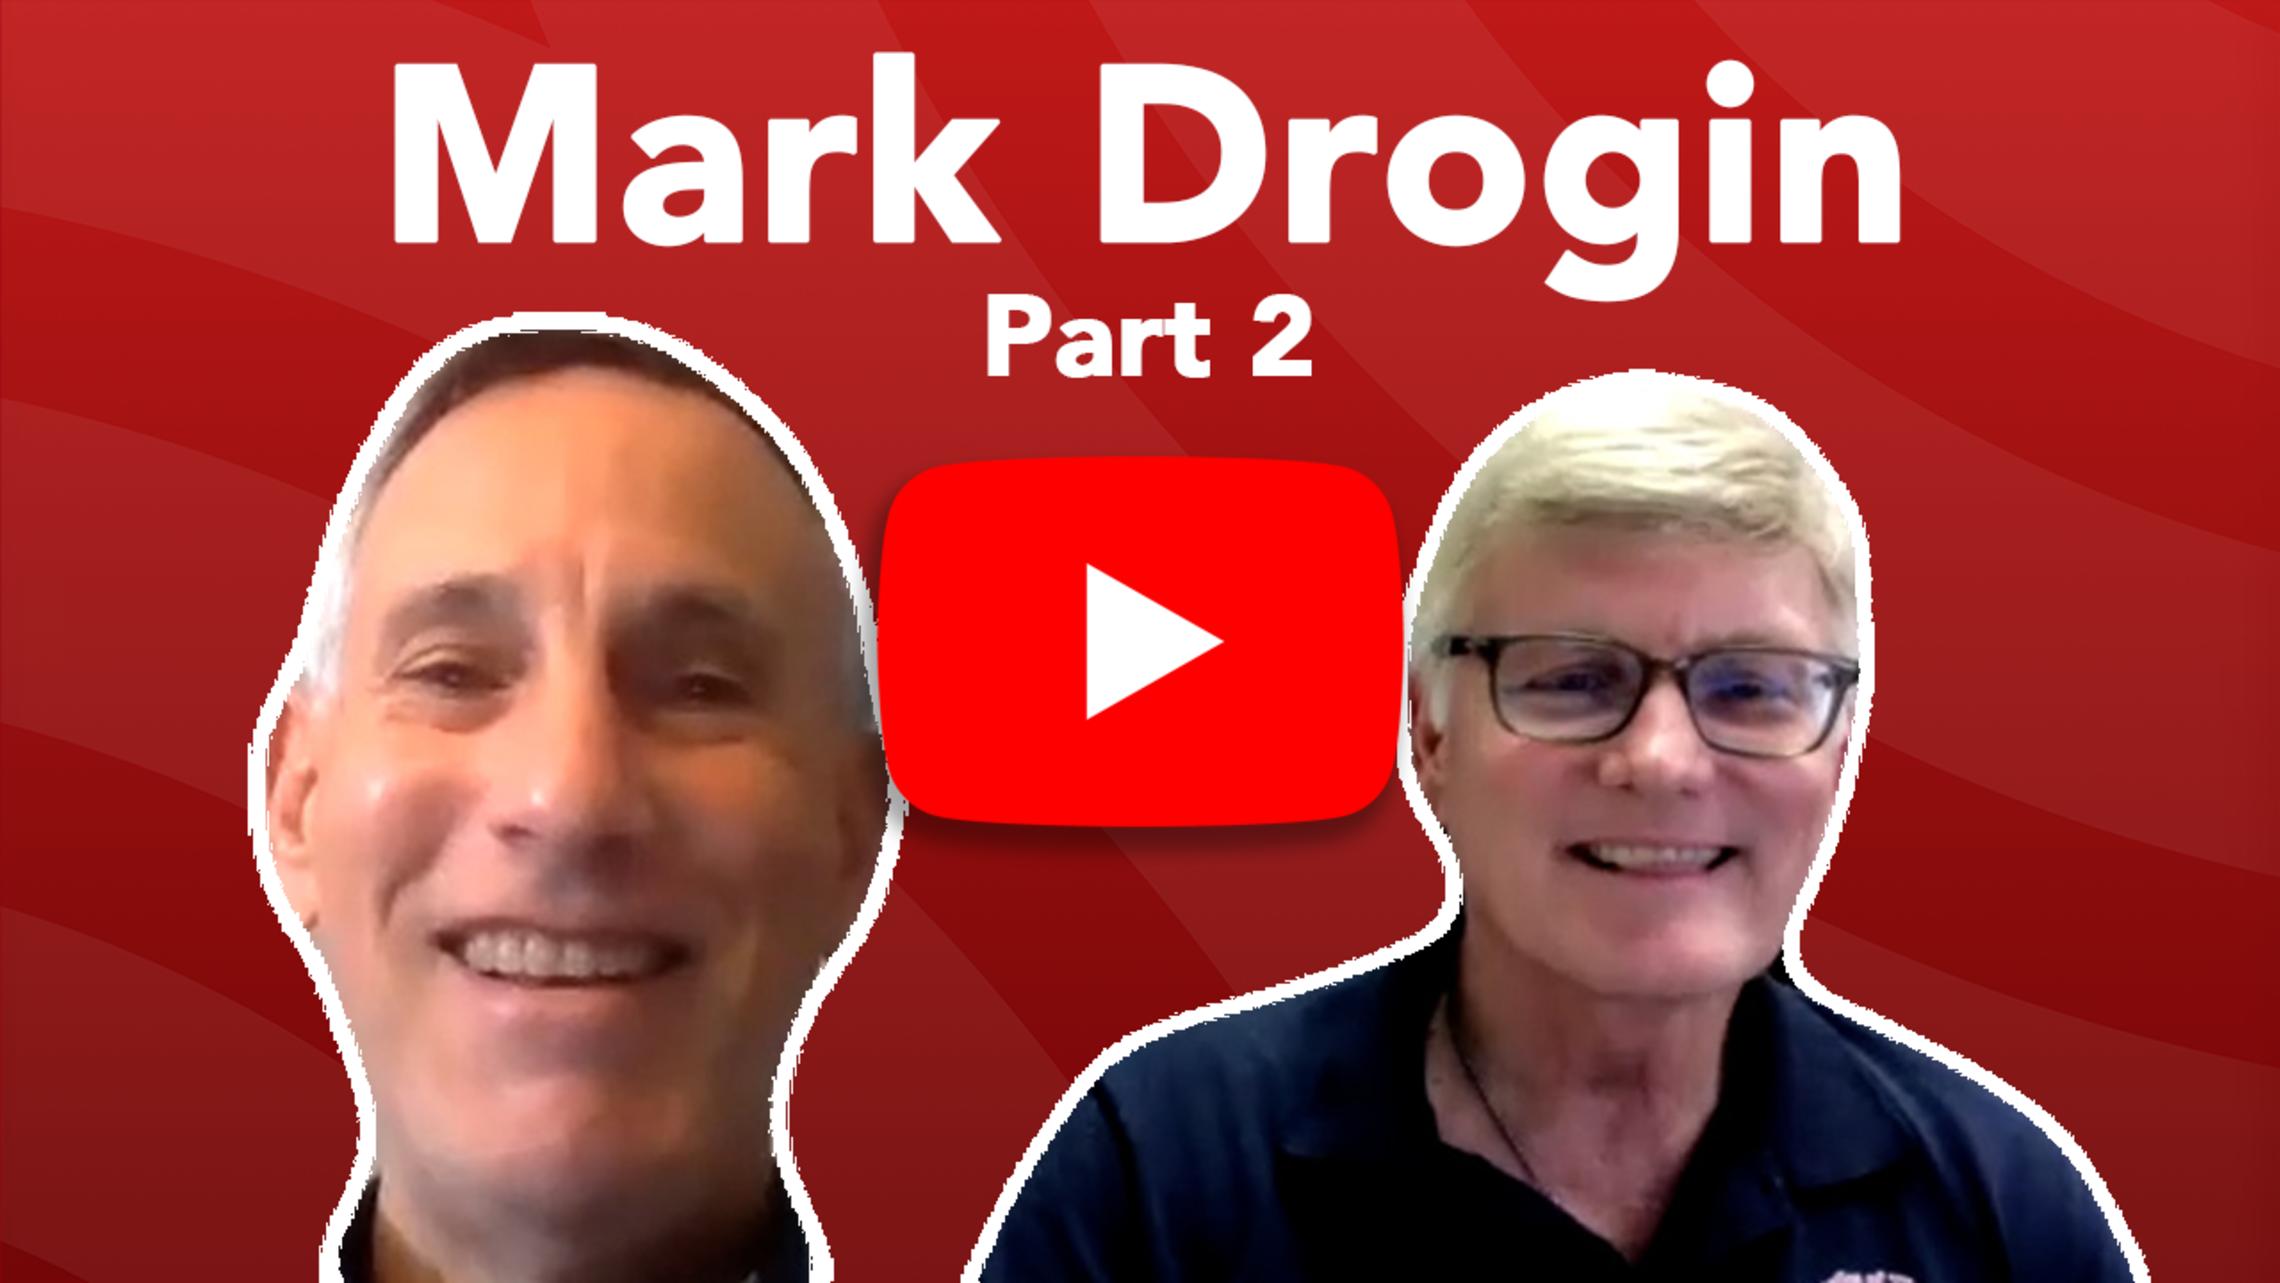 Mark Drogin Tn Website Pt2